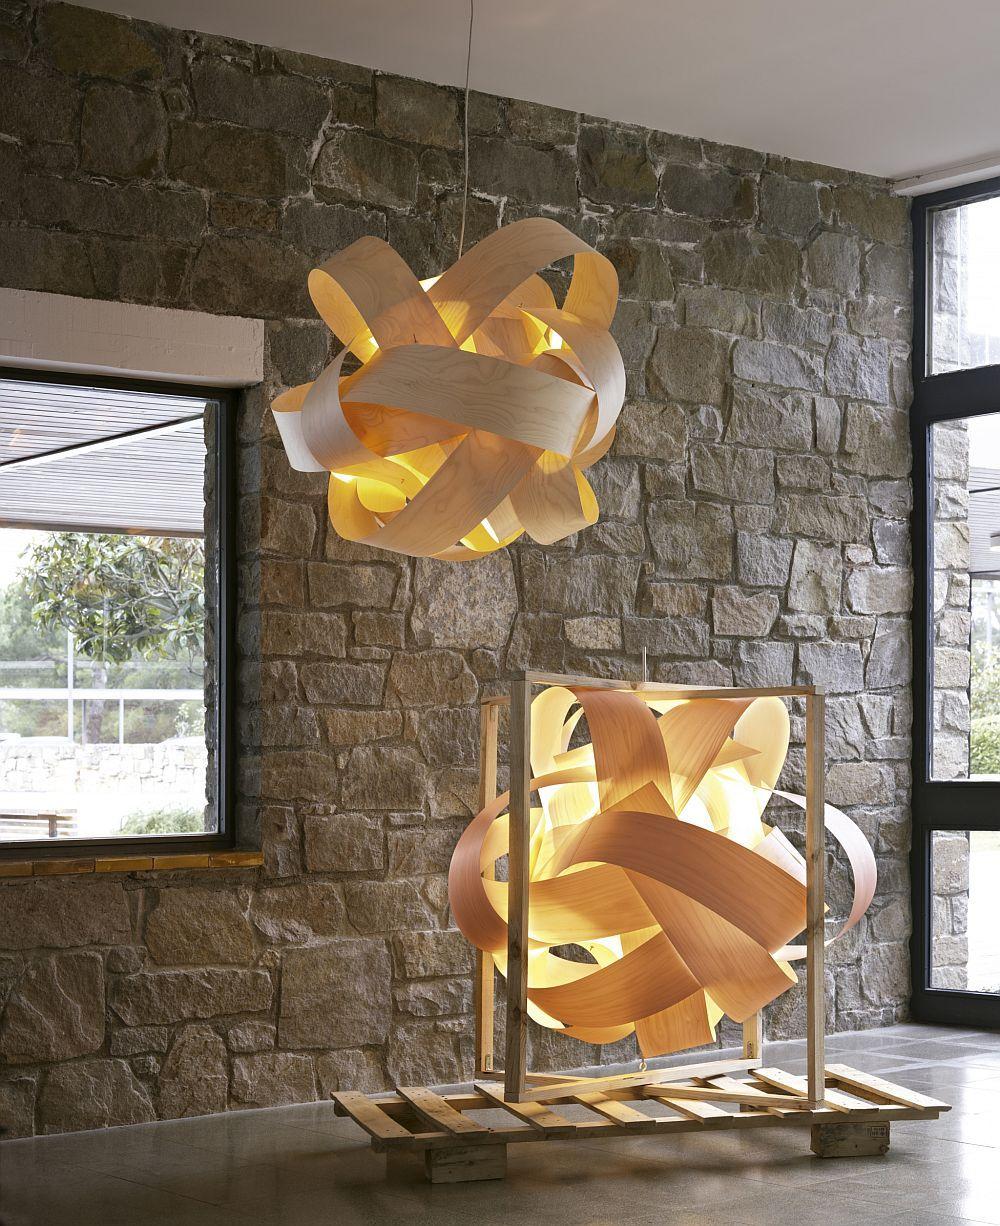 Utmerket skulpturelt trehengslys